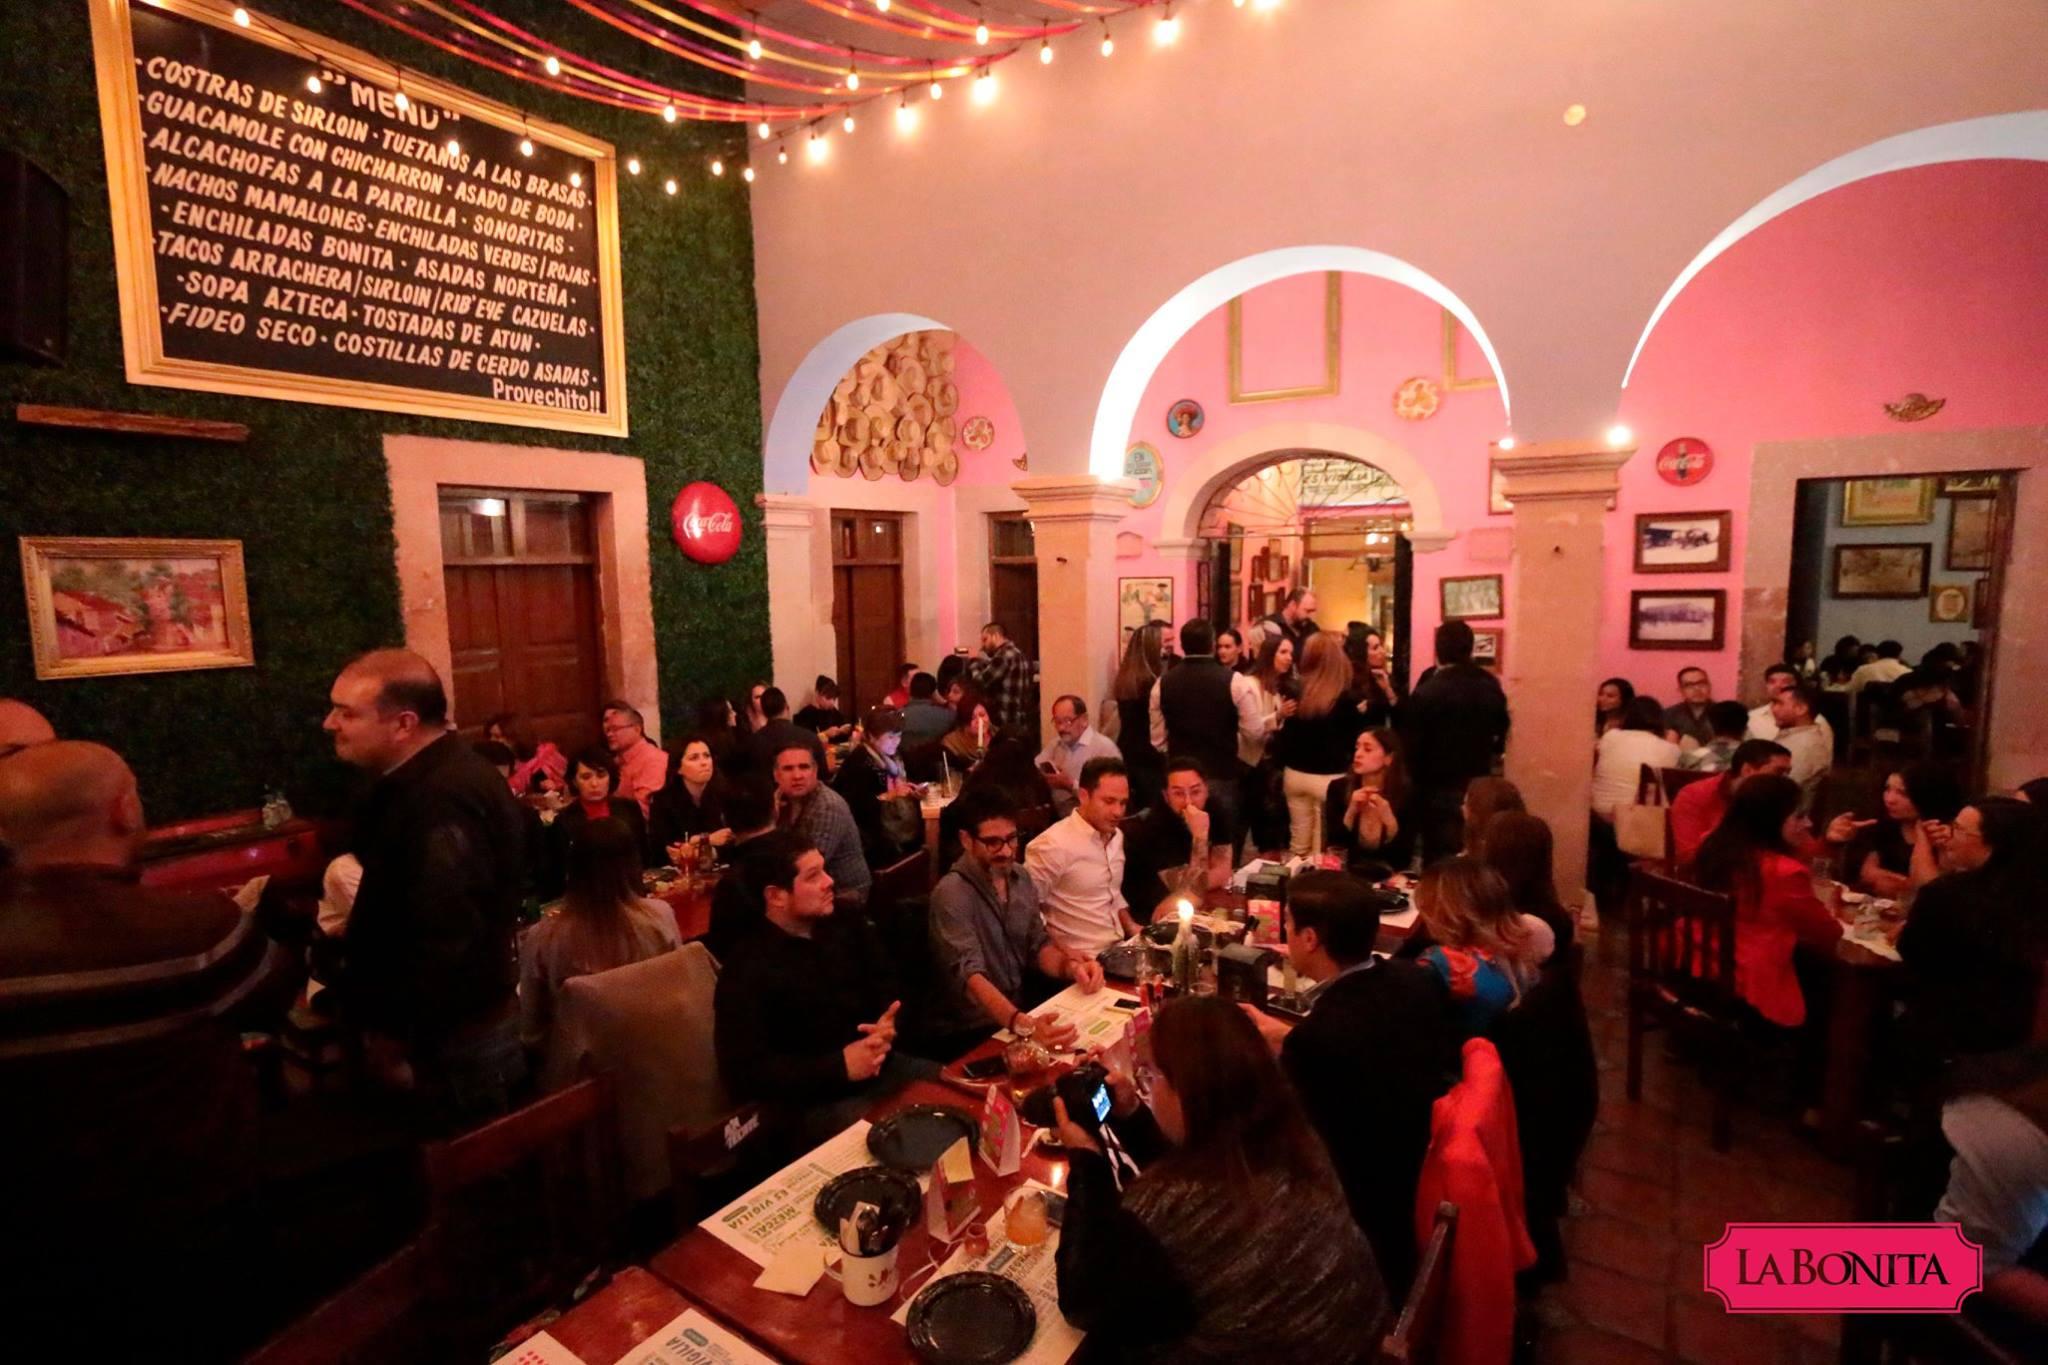 Los-mejores-bares-y-cantinas-de-Zacatecas-para-divertirse-en-pareja.